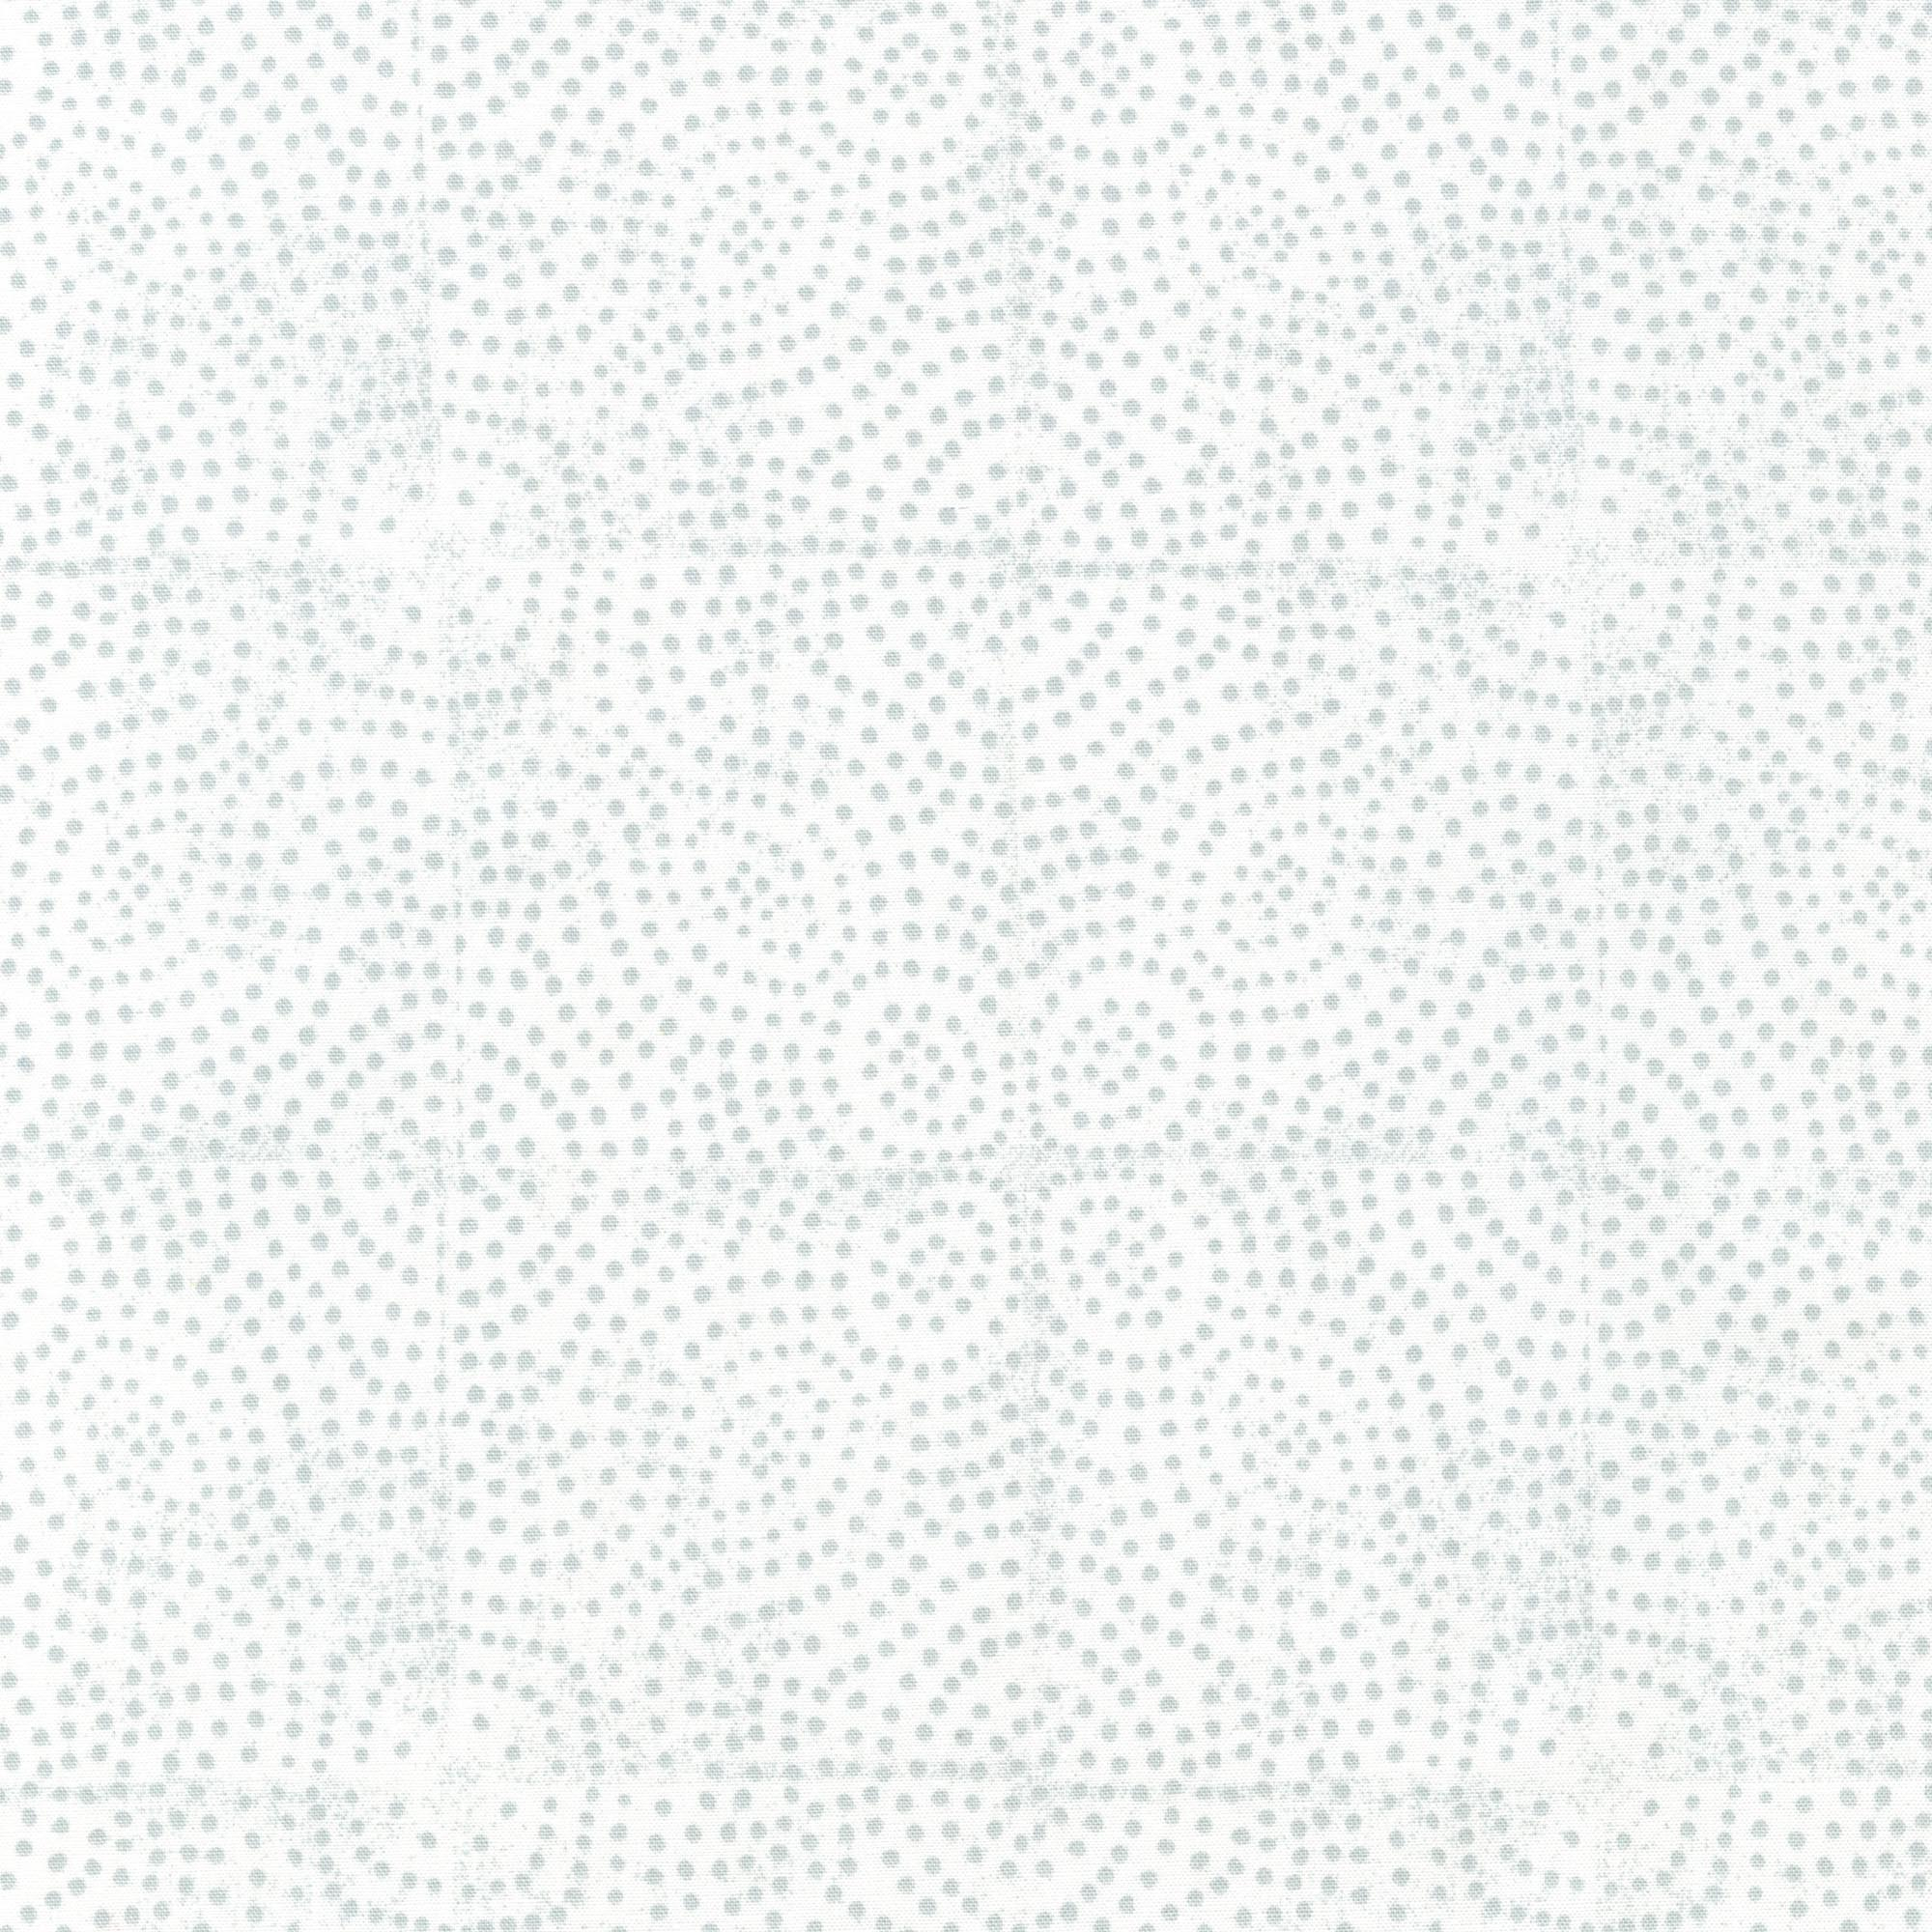 AVW-16648-87_1.jpg